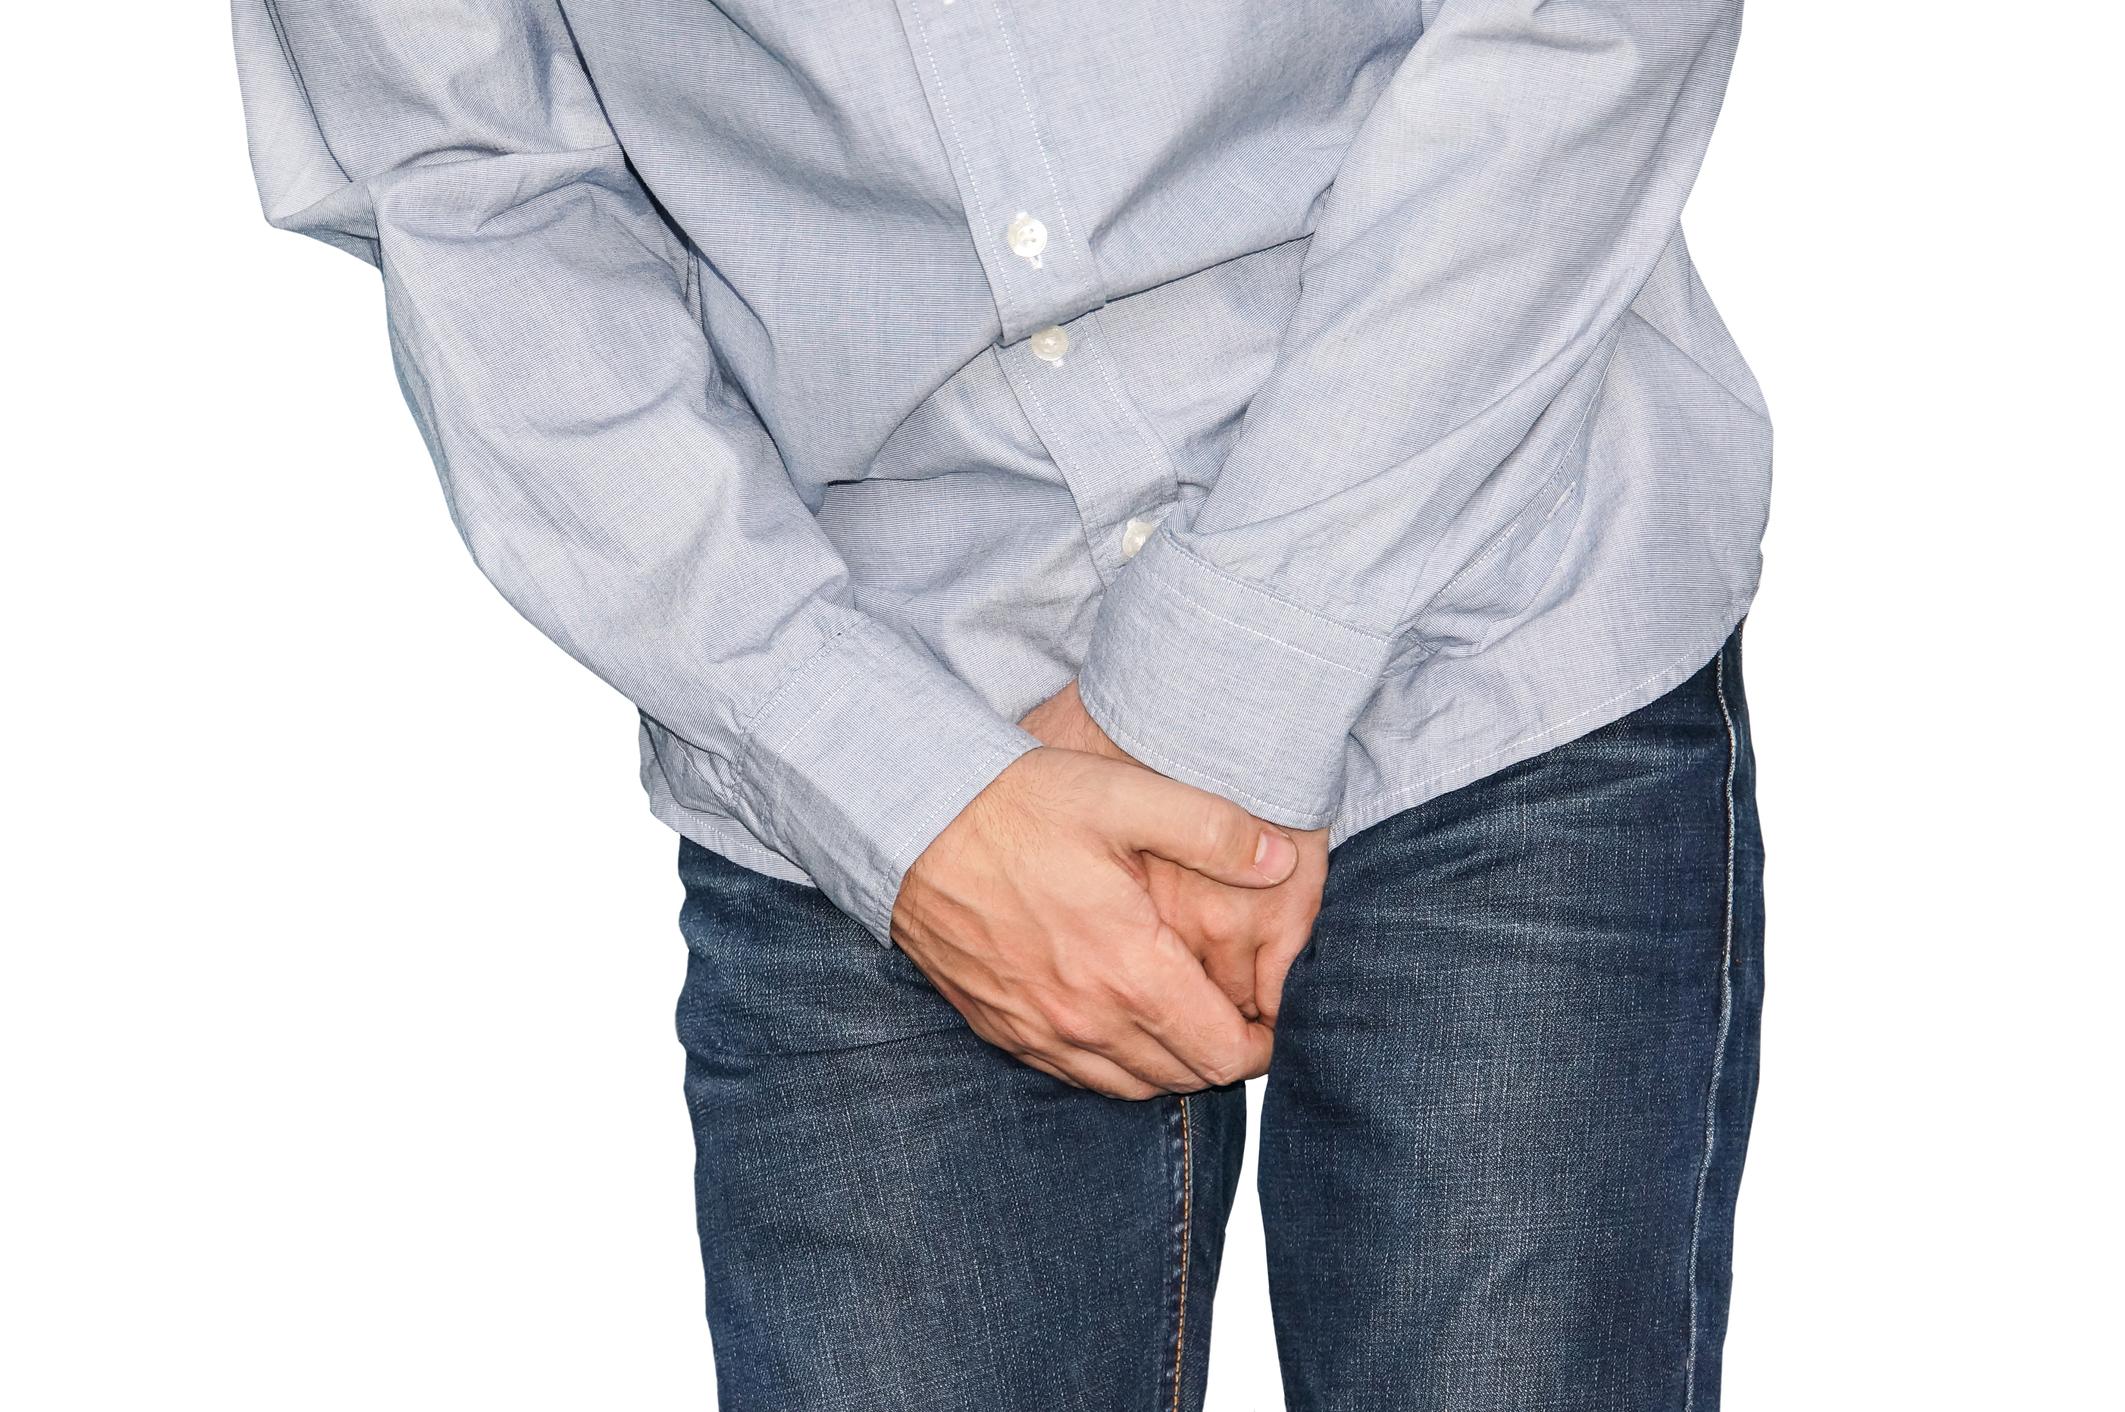 pénisz prosztatagyulladással hogy néz ki)